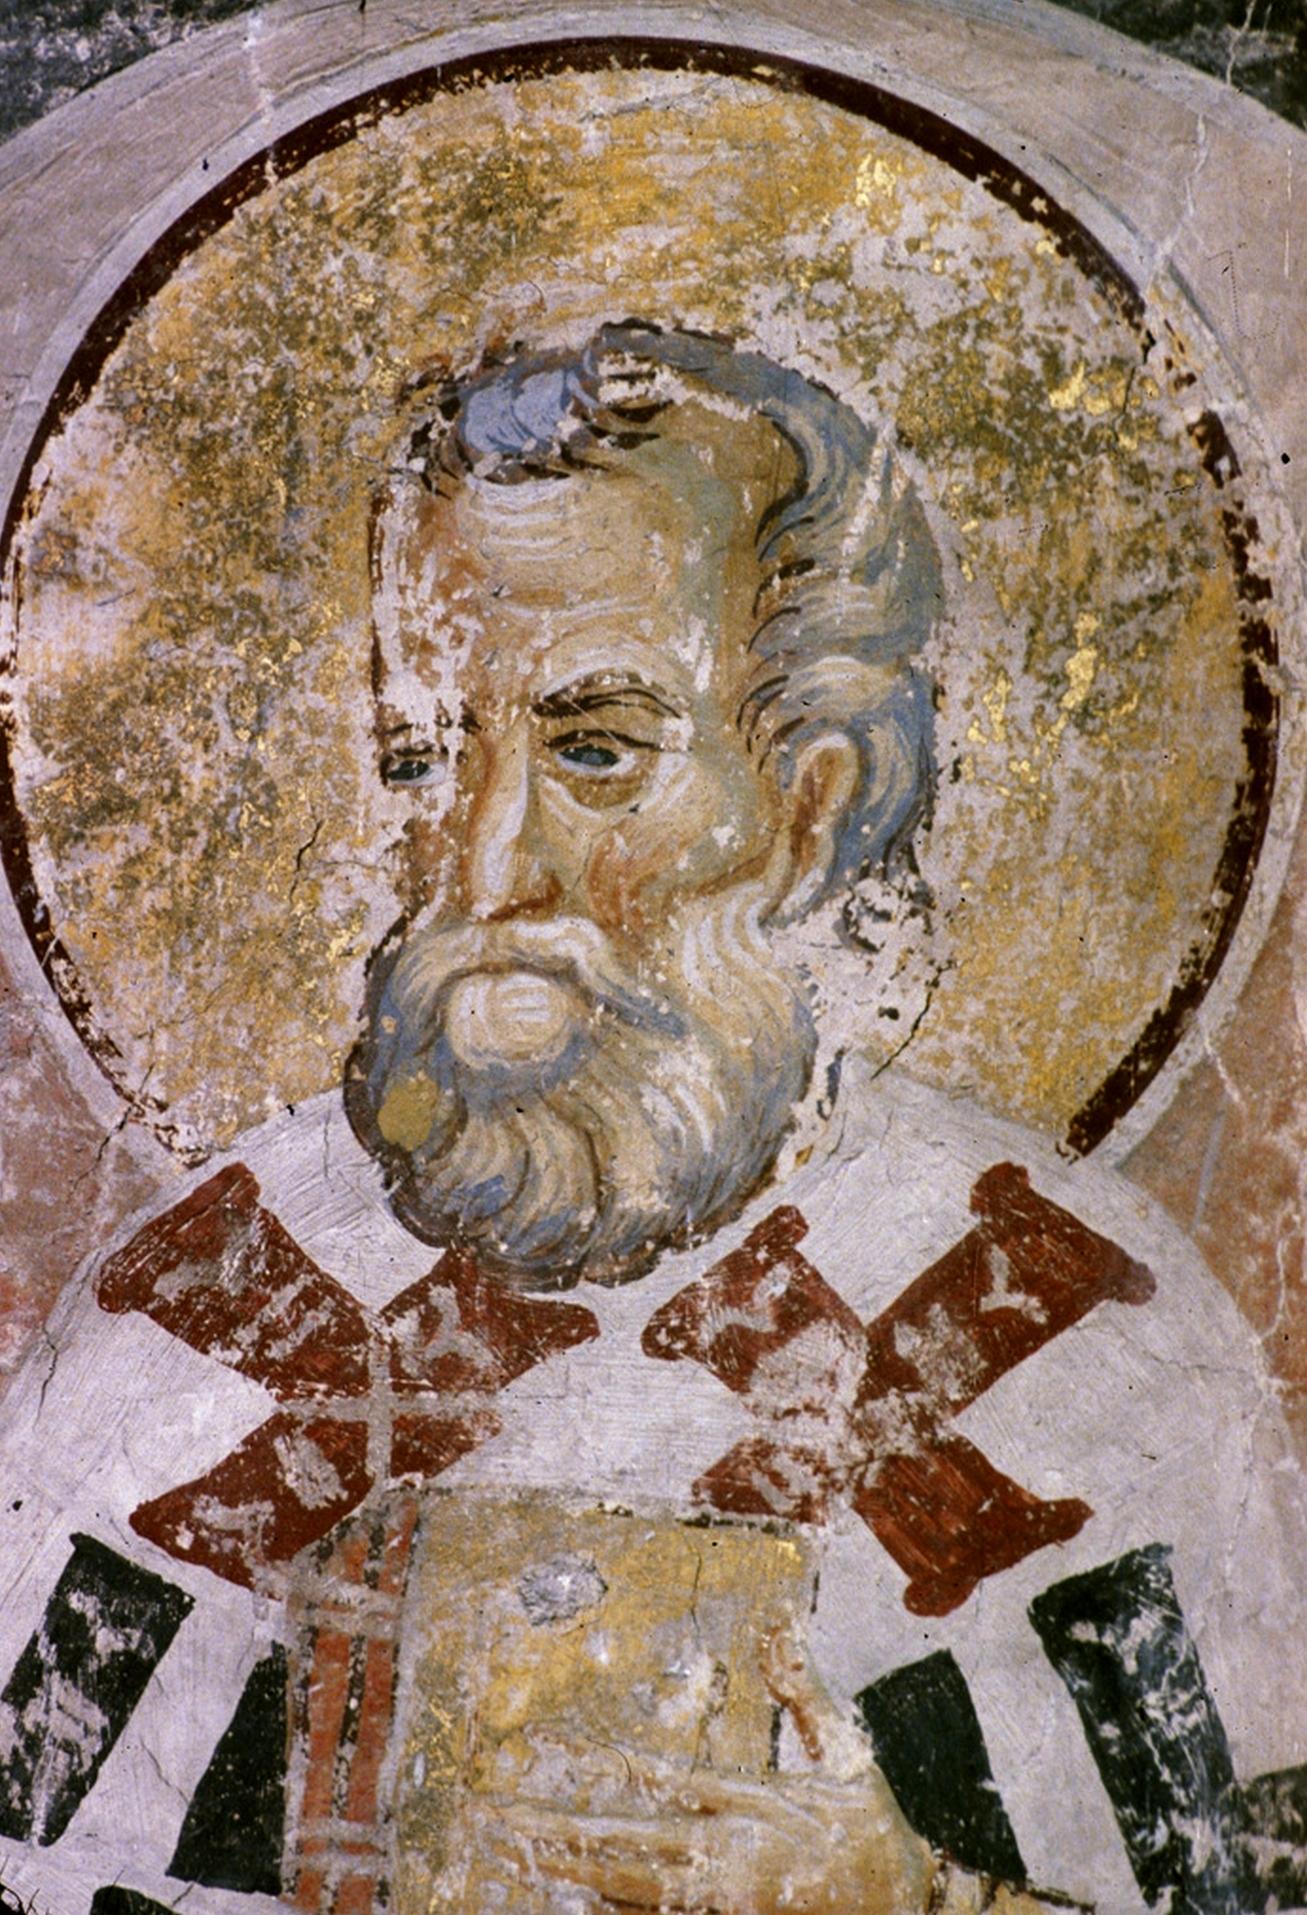 Святой Преподобный Евмений, Епископ Гортинский. Фреска монастыря Раваница, Сербия. 1380-е годы.